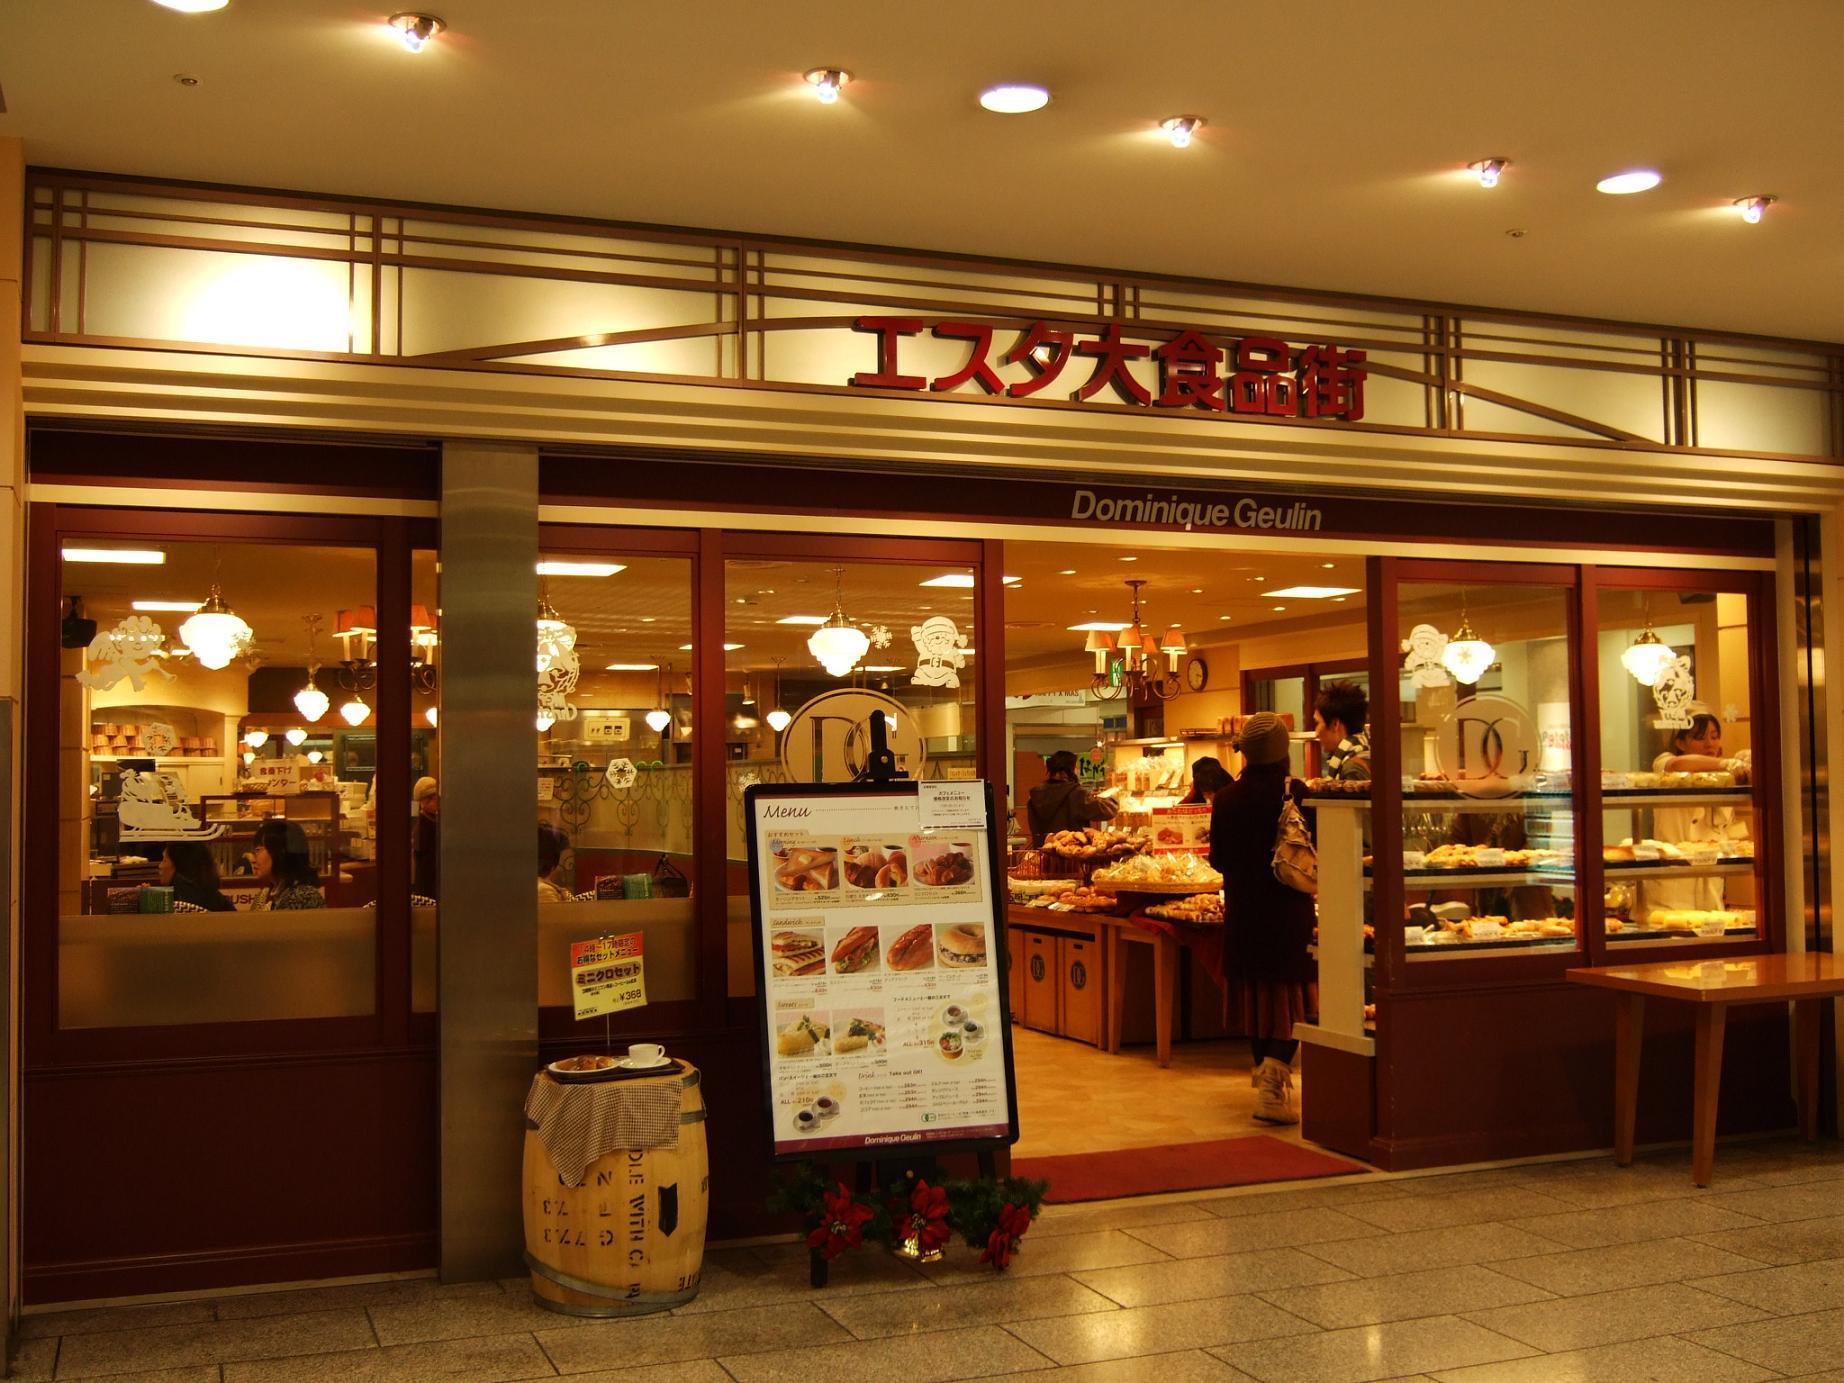 ドミニックジュラン 札幌エスタ店